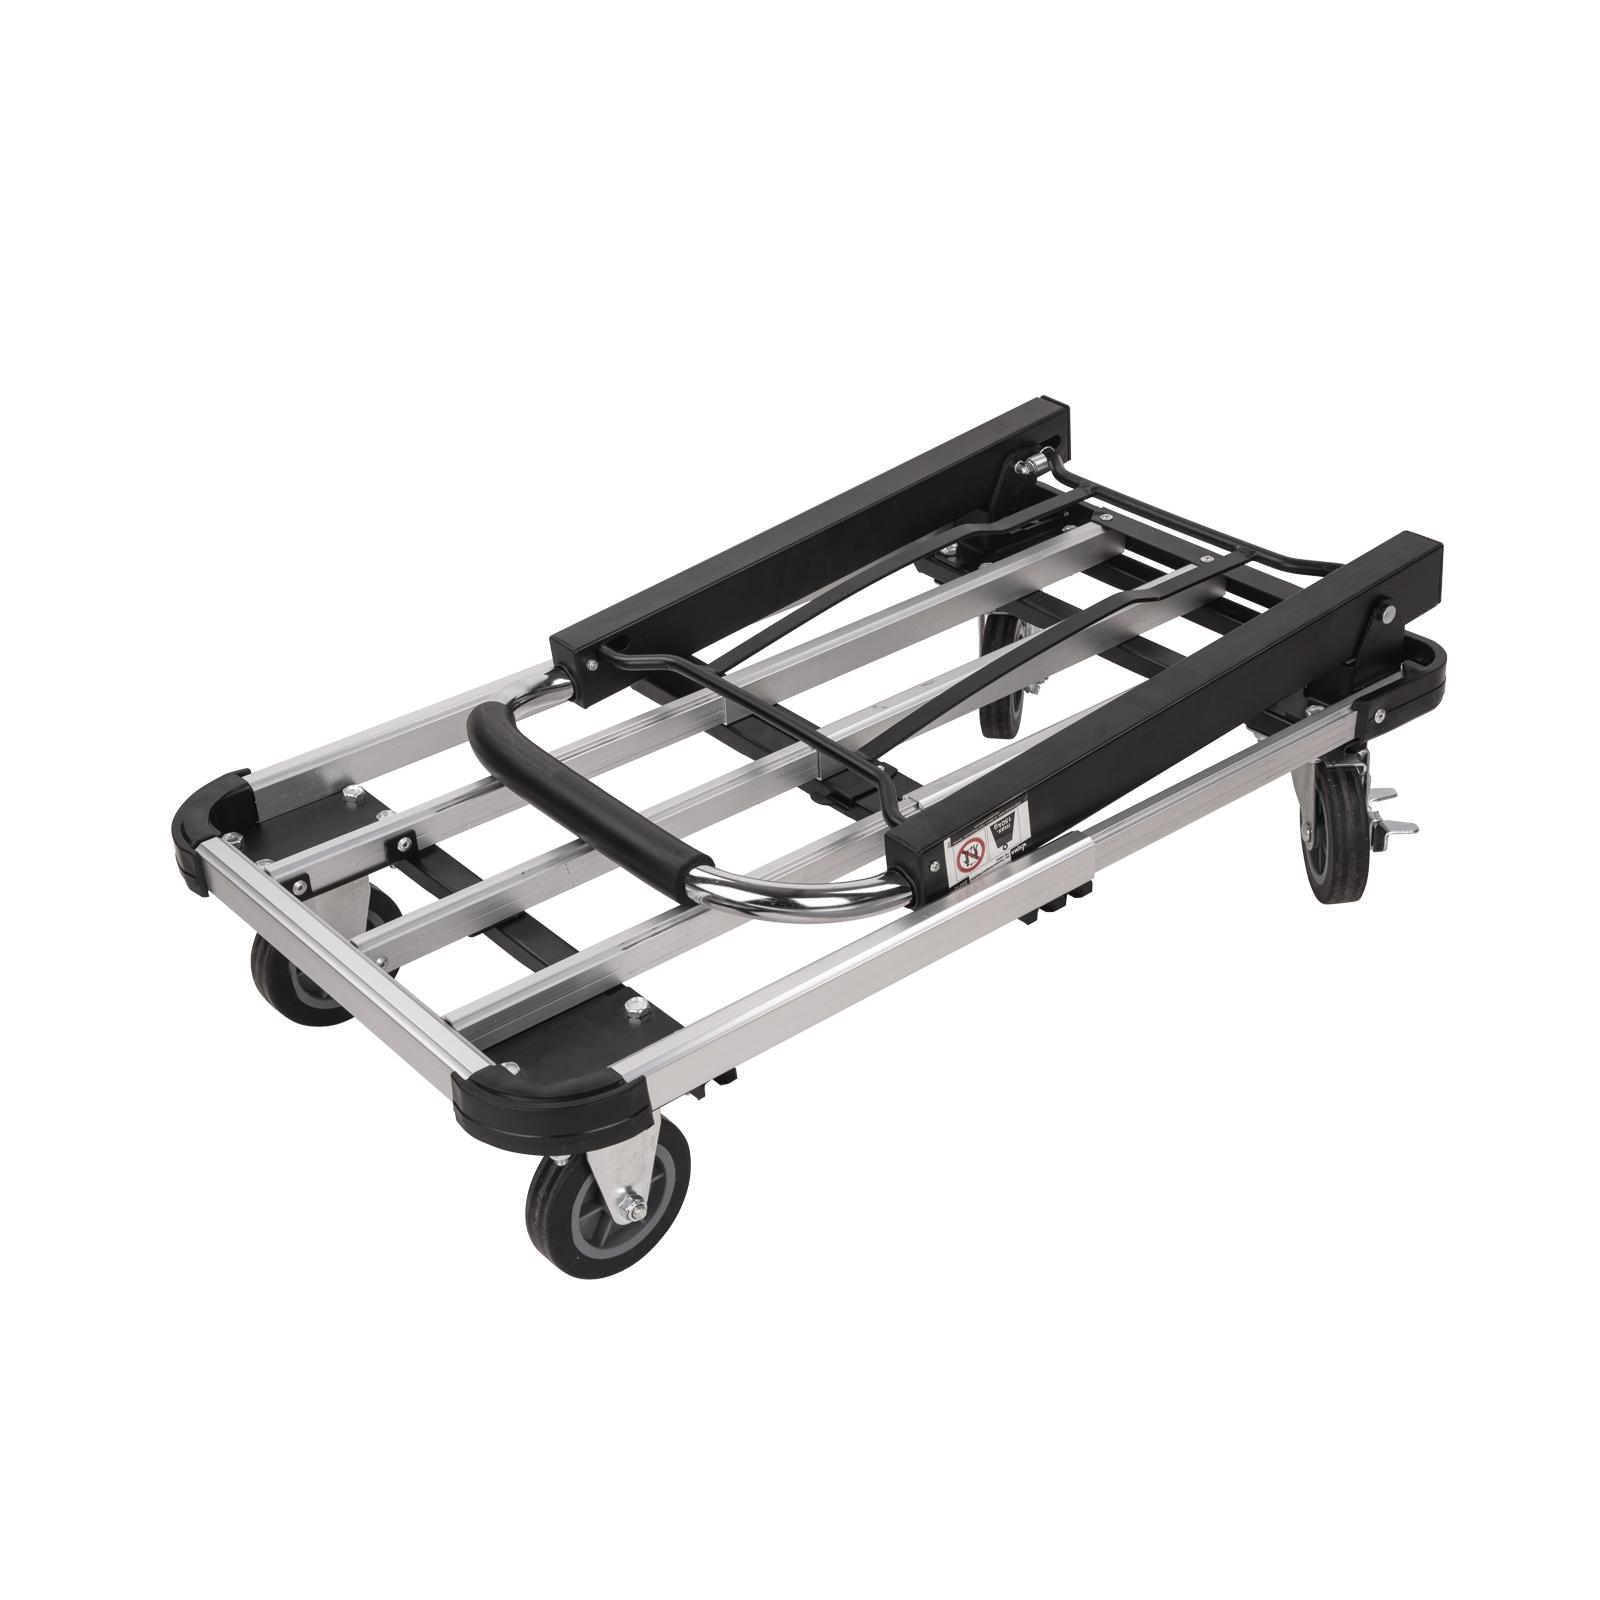 910334 alu transportwagen klappbar handwagen 150kg ebay. Black Bedroom Furniture Sets. Home Design Ideas